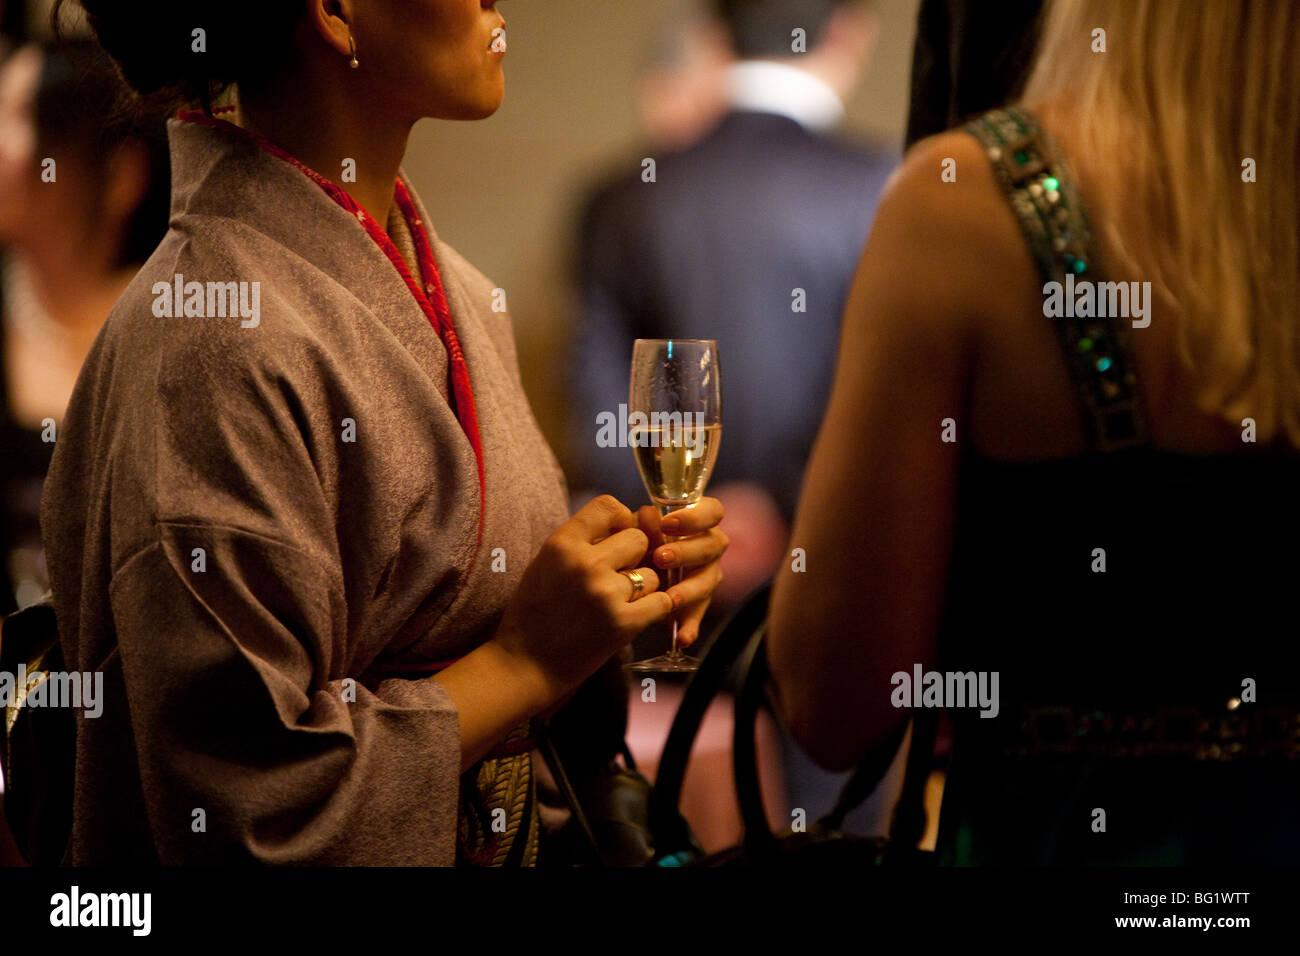 Donna Giapponese in kimono bevendo champagne. Immagini Stock